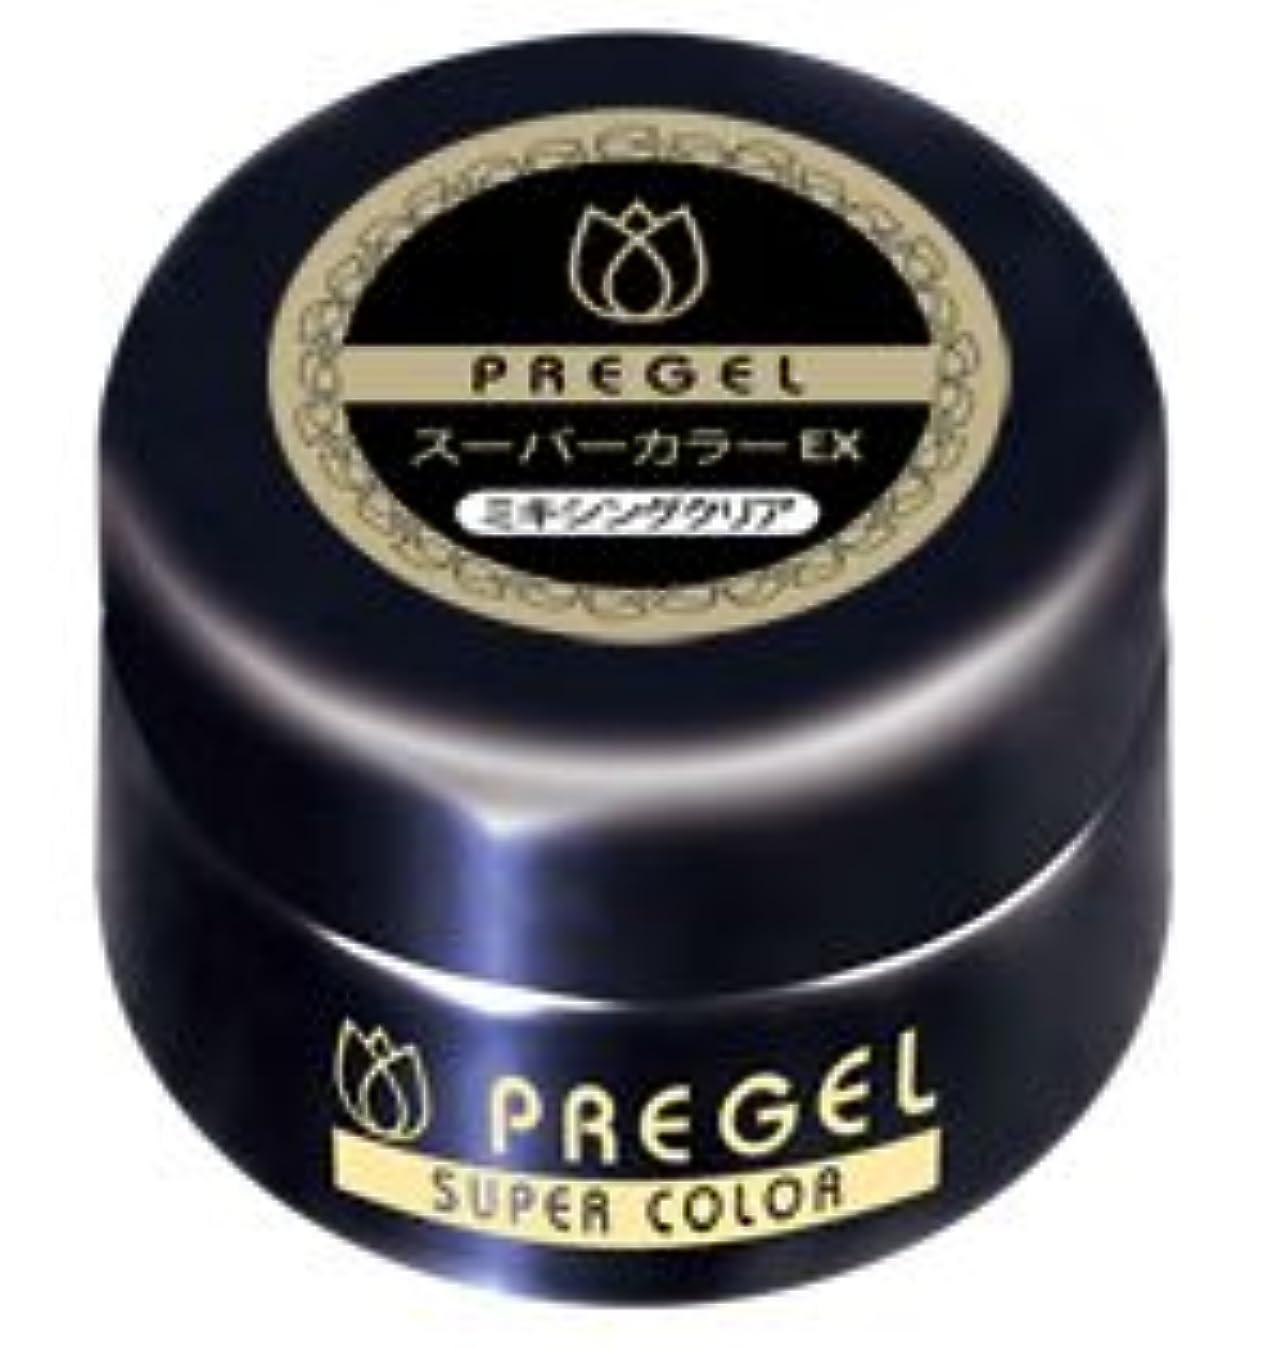 デコラティブ失サバントPREGEL(プリジェル) スーパーカラーEx PG-SE000 <BR>ミキシングクリア 4g